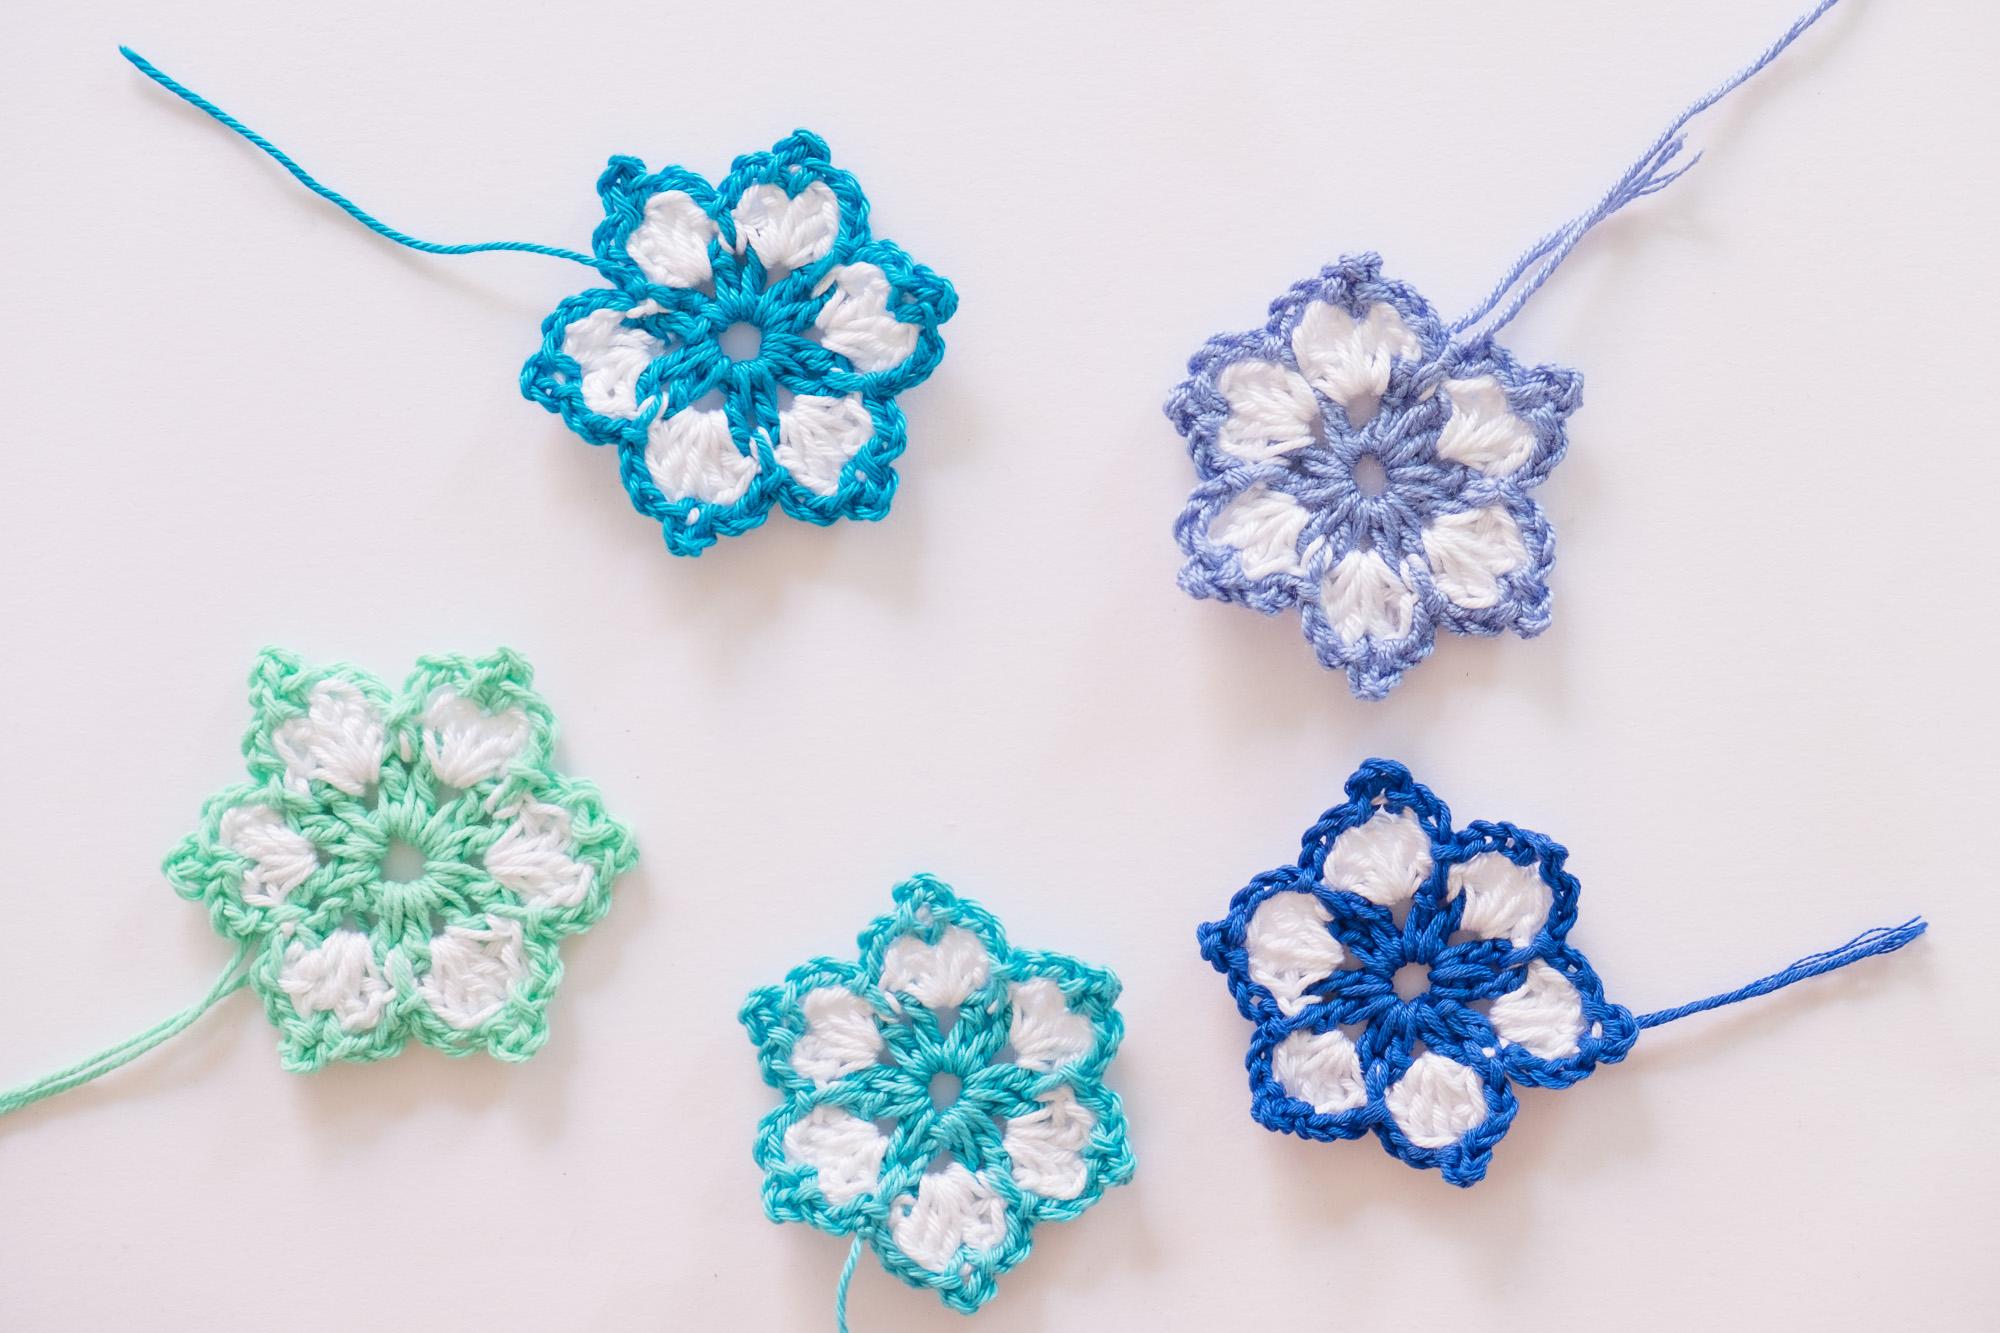 Flores de ganchillo en diferentes tonos de azul .